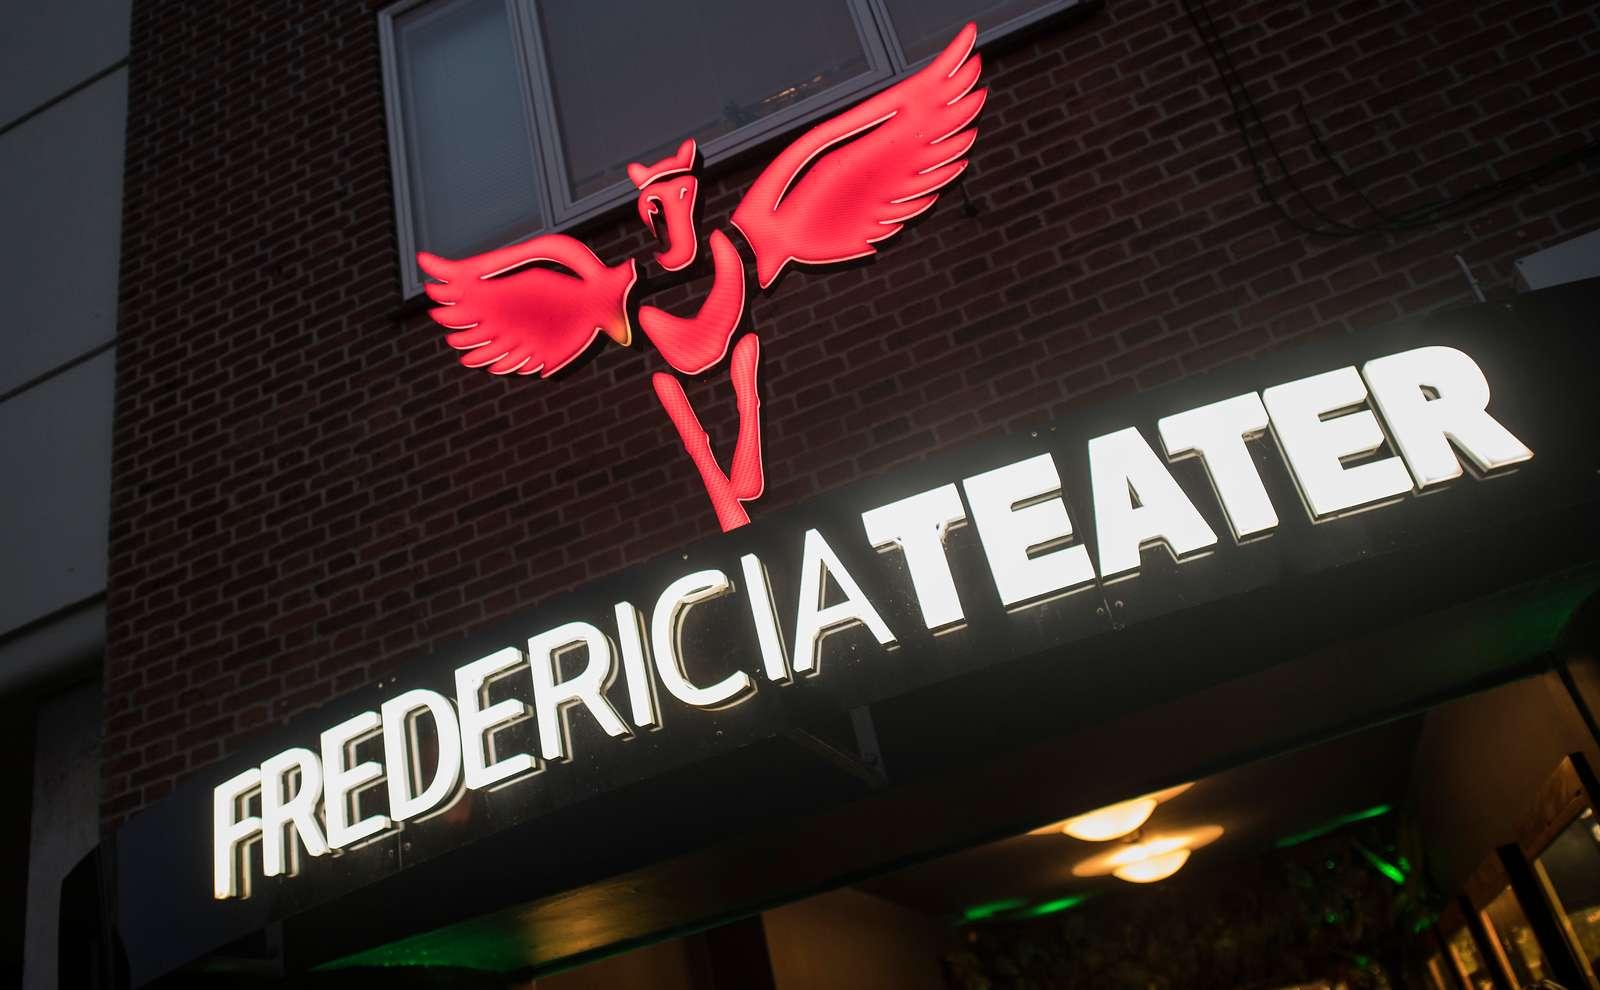 Hvad skete der i virkeligheden med Fredericia Teater?